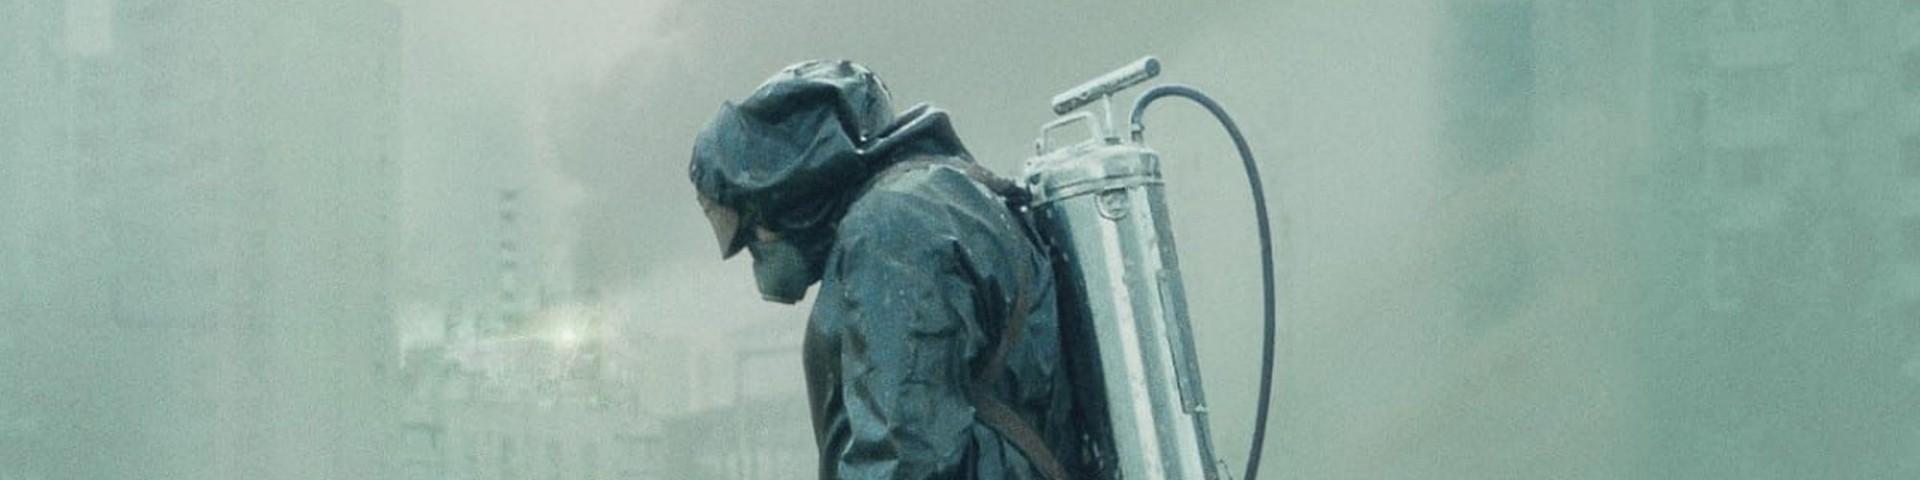 Replica in TV: quando e dove rivedere Chernobyl – la serie